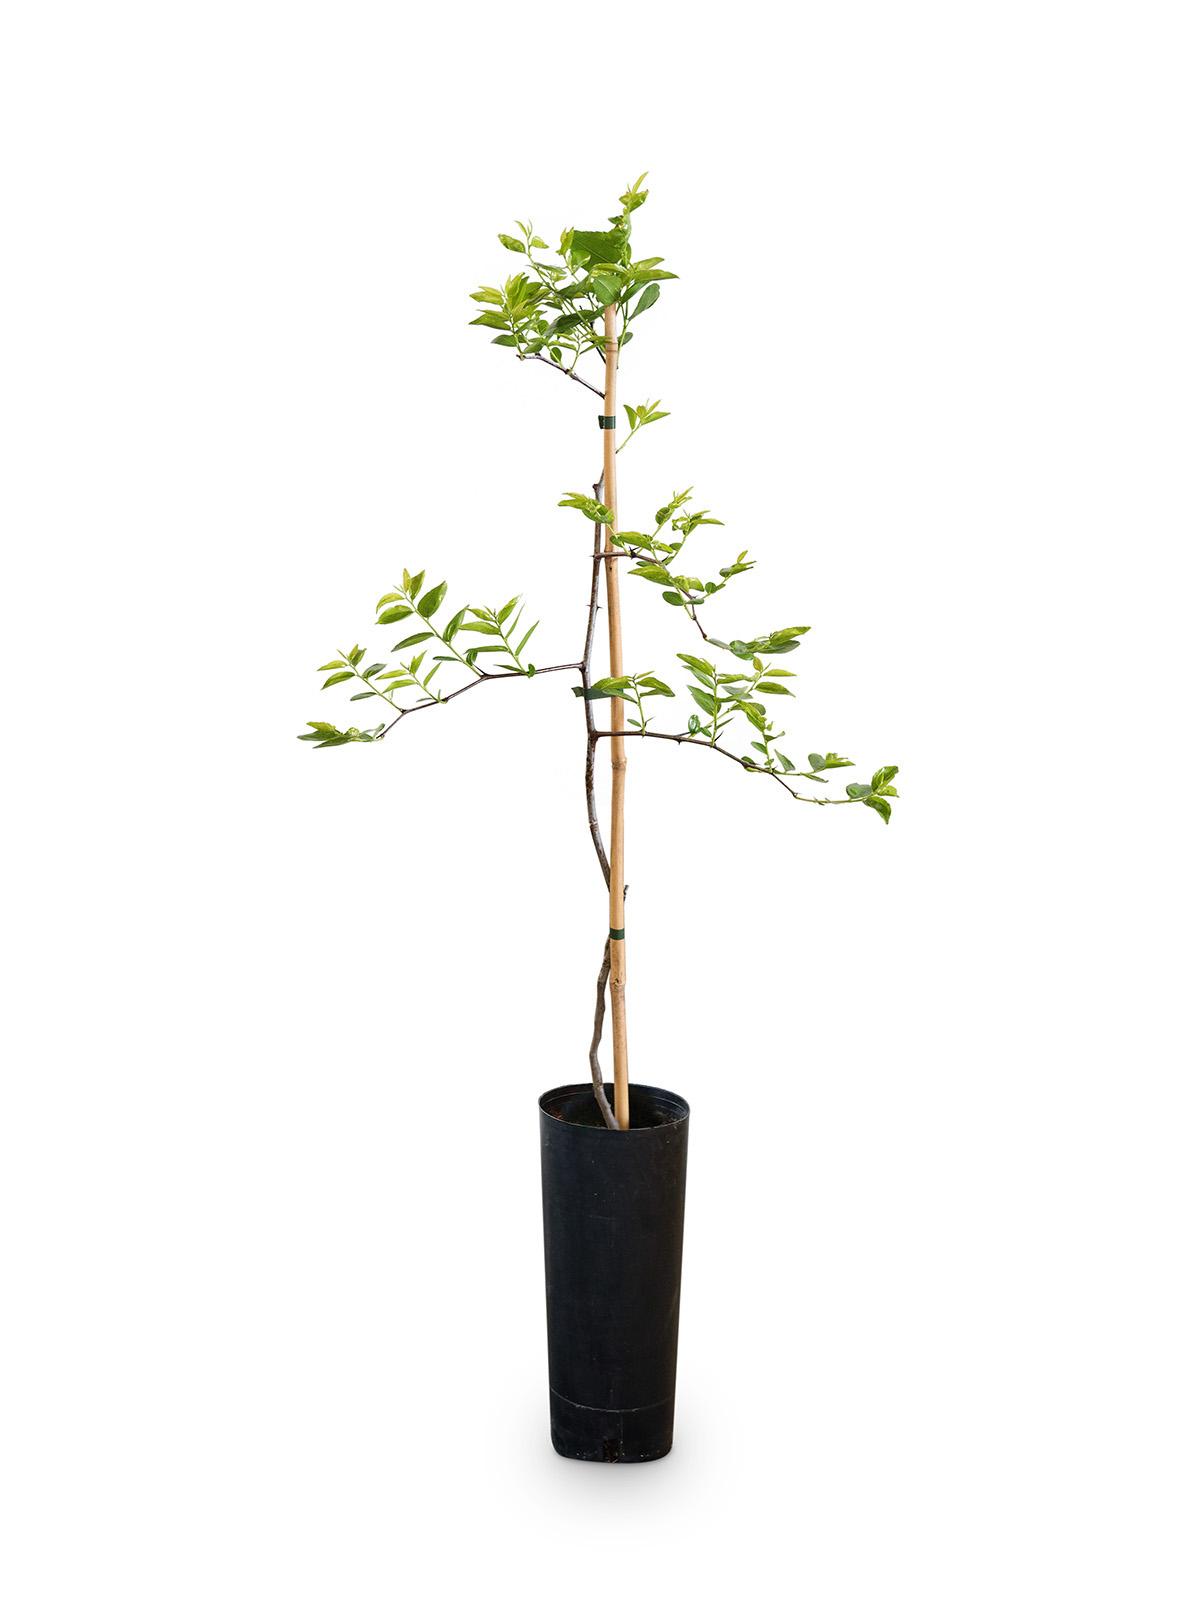 Planta de Azufaifo con maceta en vivero